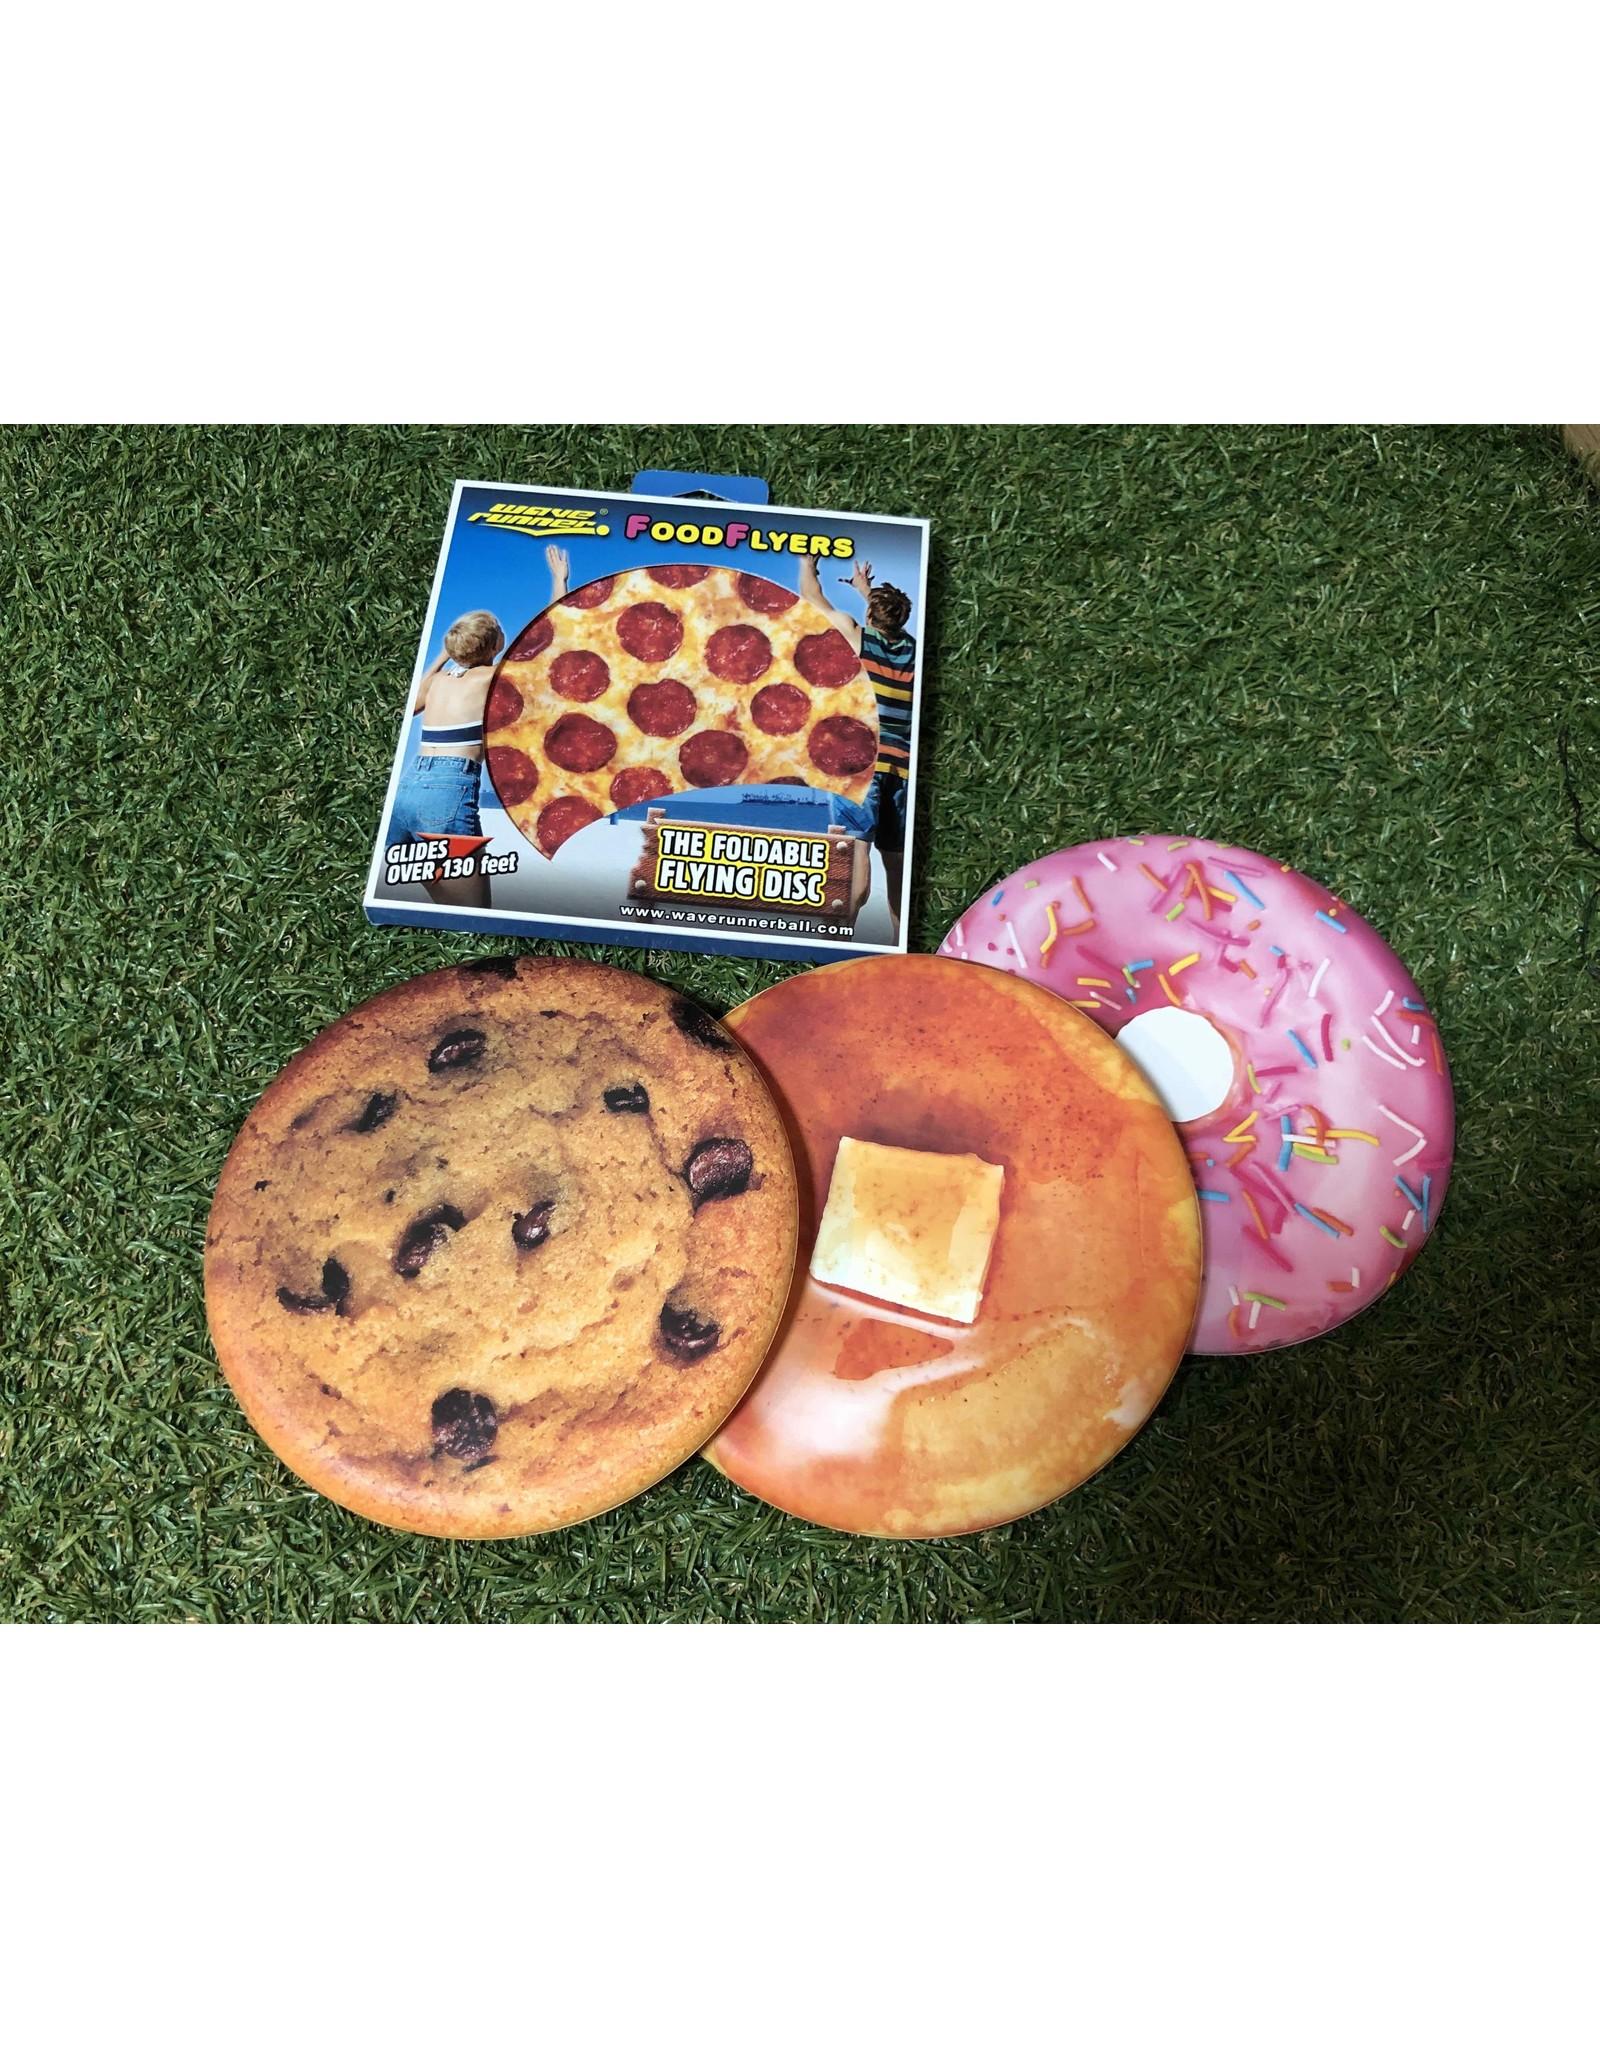 Food Flyer Discs